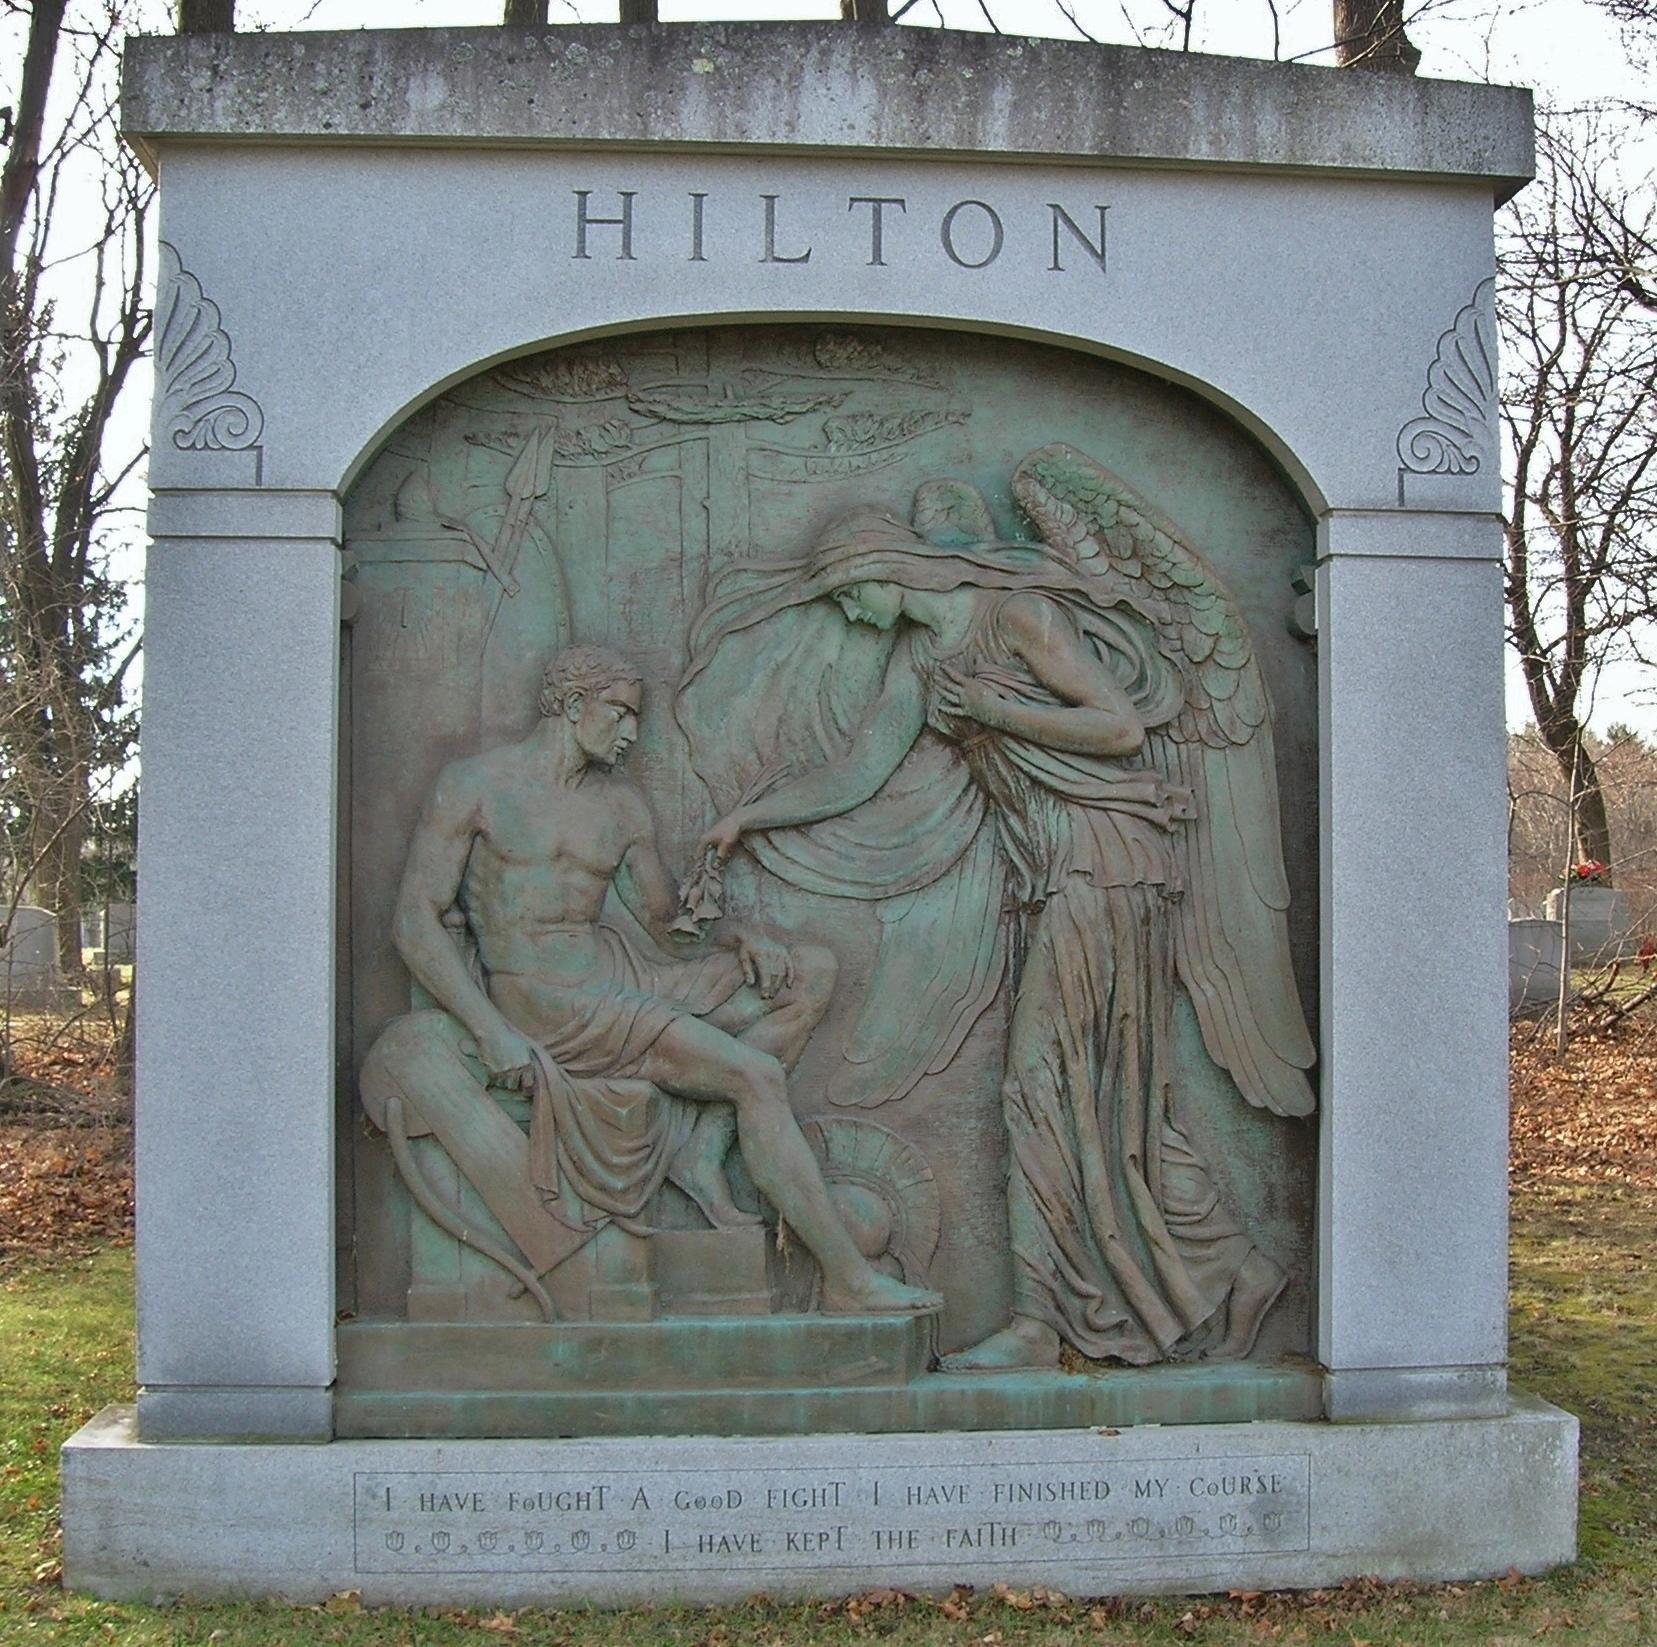 The Hilton Mausoleum features a sculpture by Oscar Lenz.